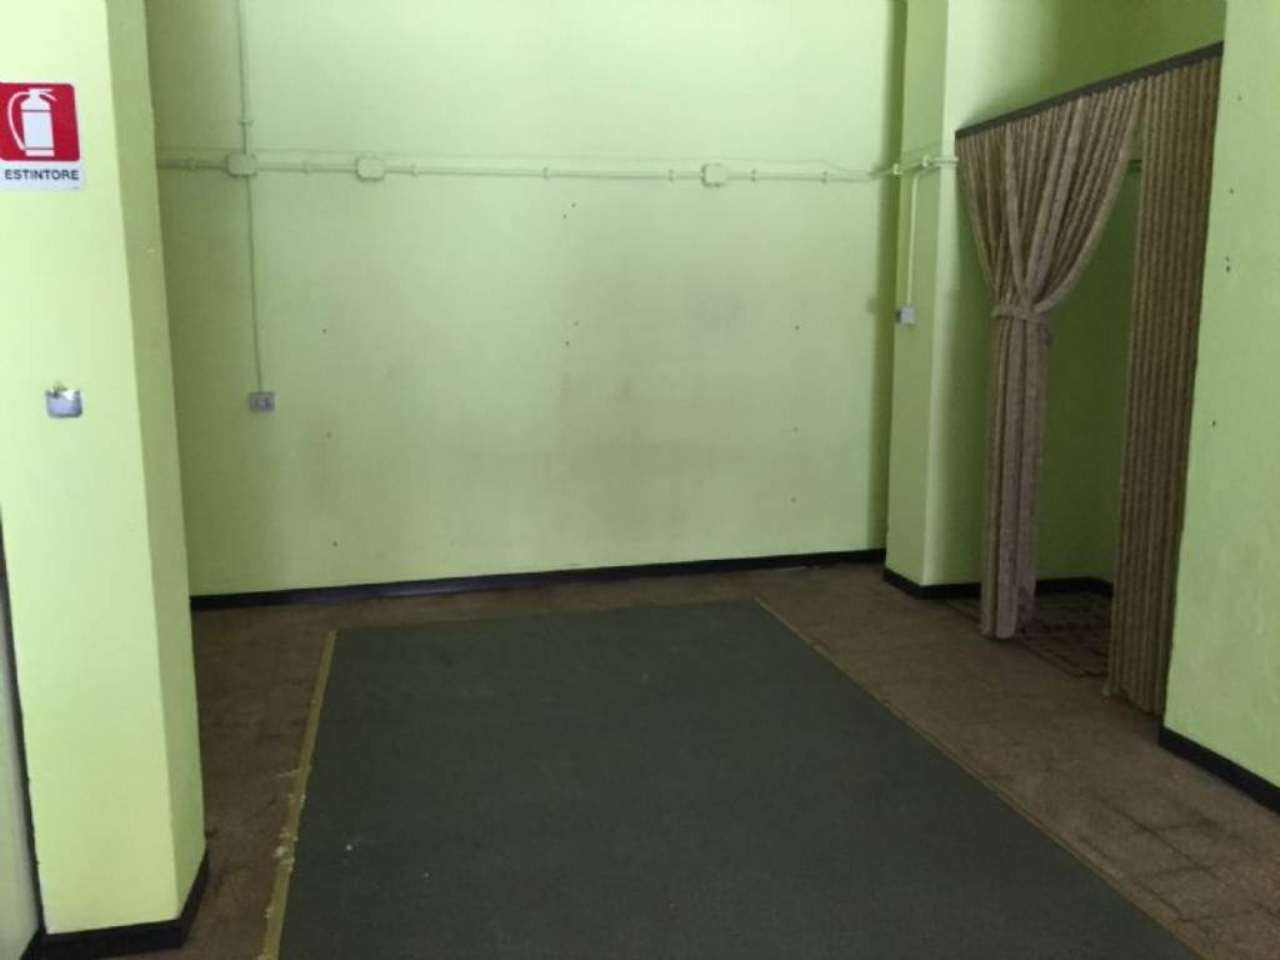 Negozio / Locale in affitto a Genova, 2 locali, zona Zona: 5 . Marassi-Staglieno, prezzo € 550 | CambioCasa.it